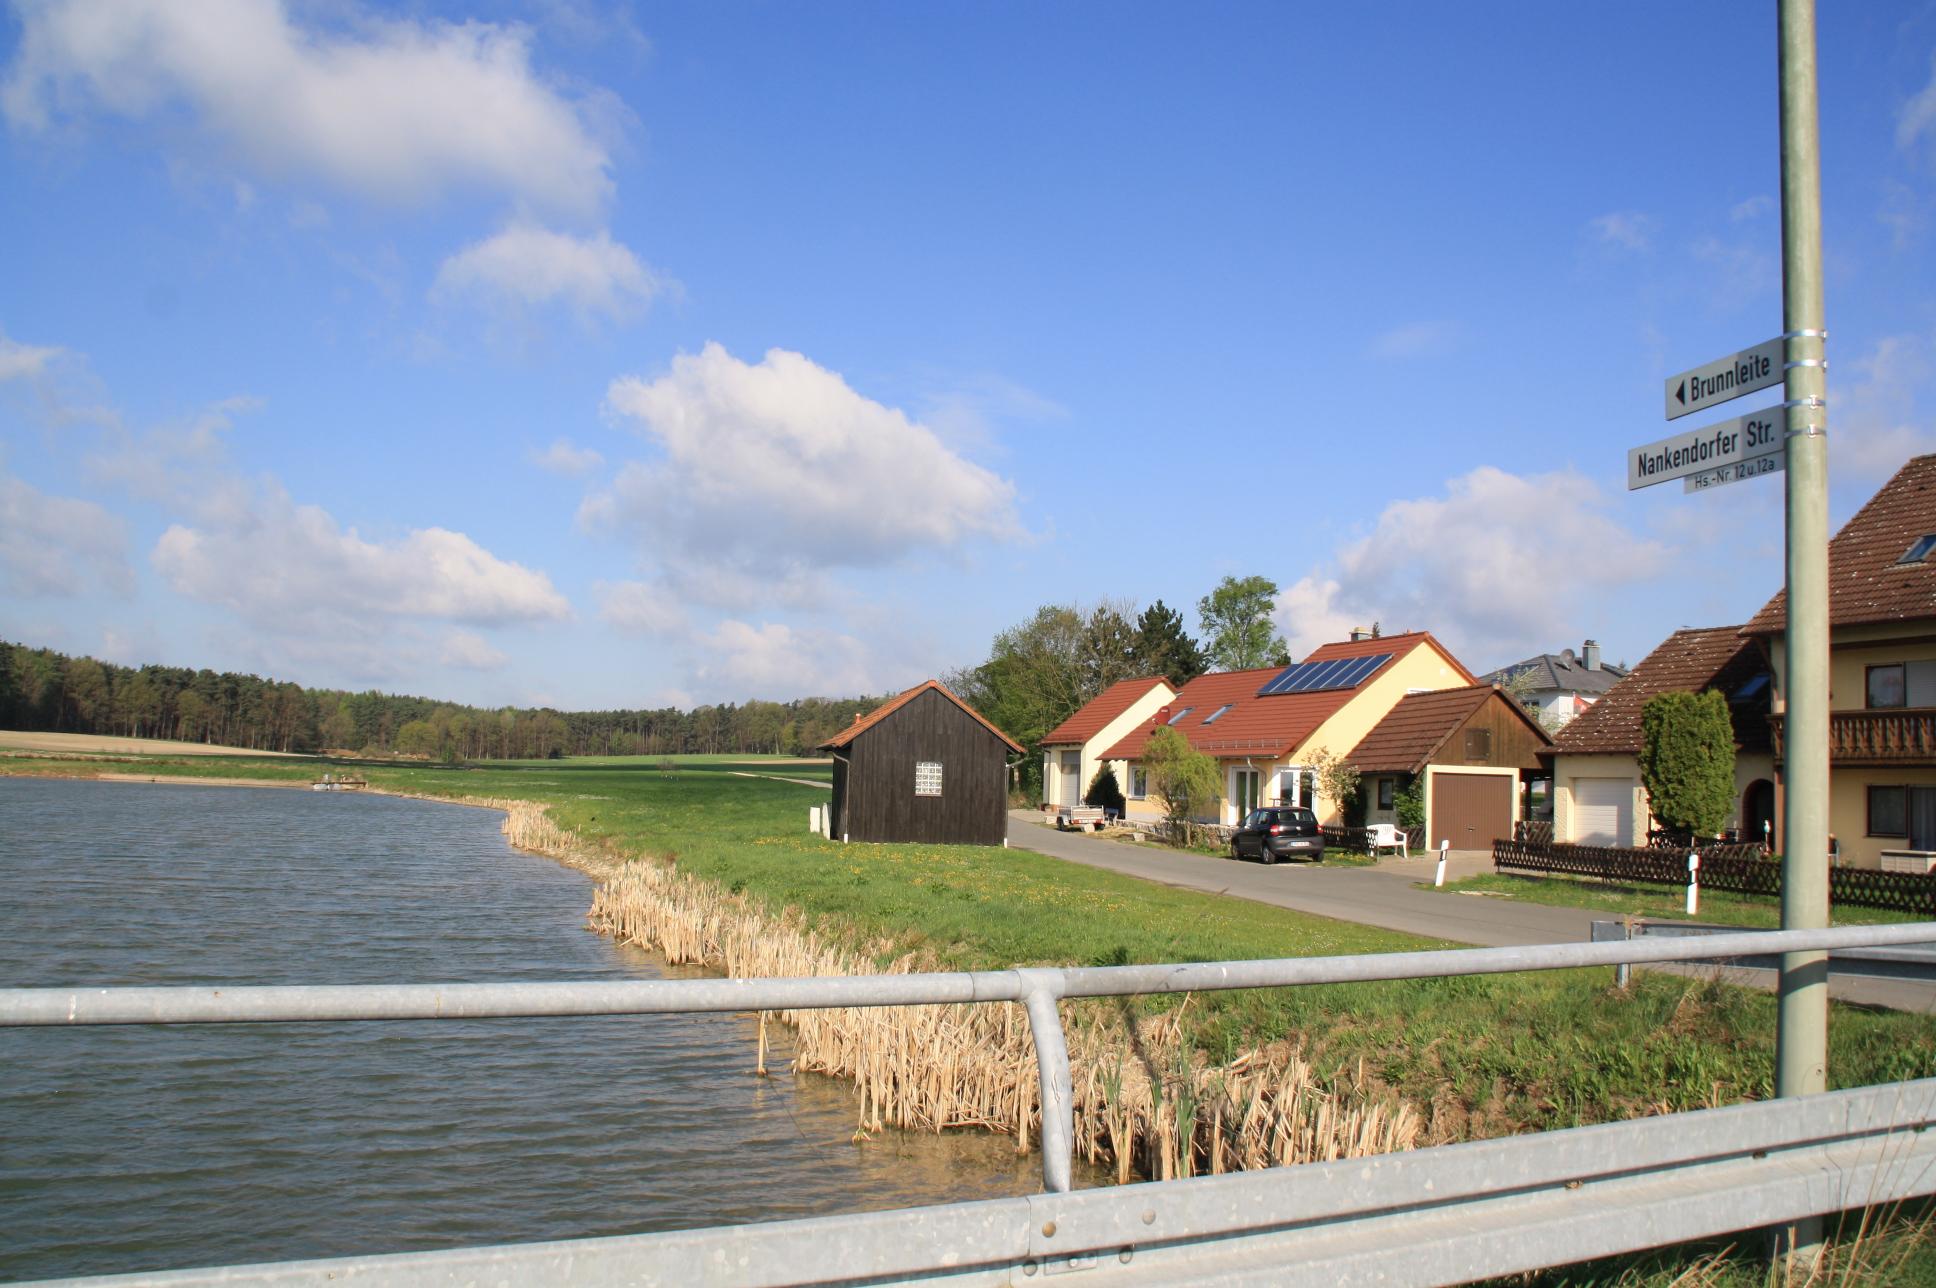 Jenseits, nördlich des Weihers, soll in der Brunnleite der zweite Standort der Firma Schweiß/Löttechnik Gumbrecht entstehen. Die Gewerbefläche erstreckt sich hinter der Häuserreihe bzw den Bäumen.